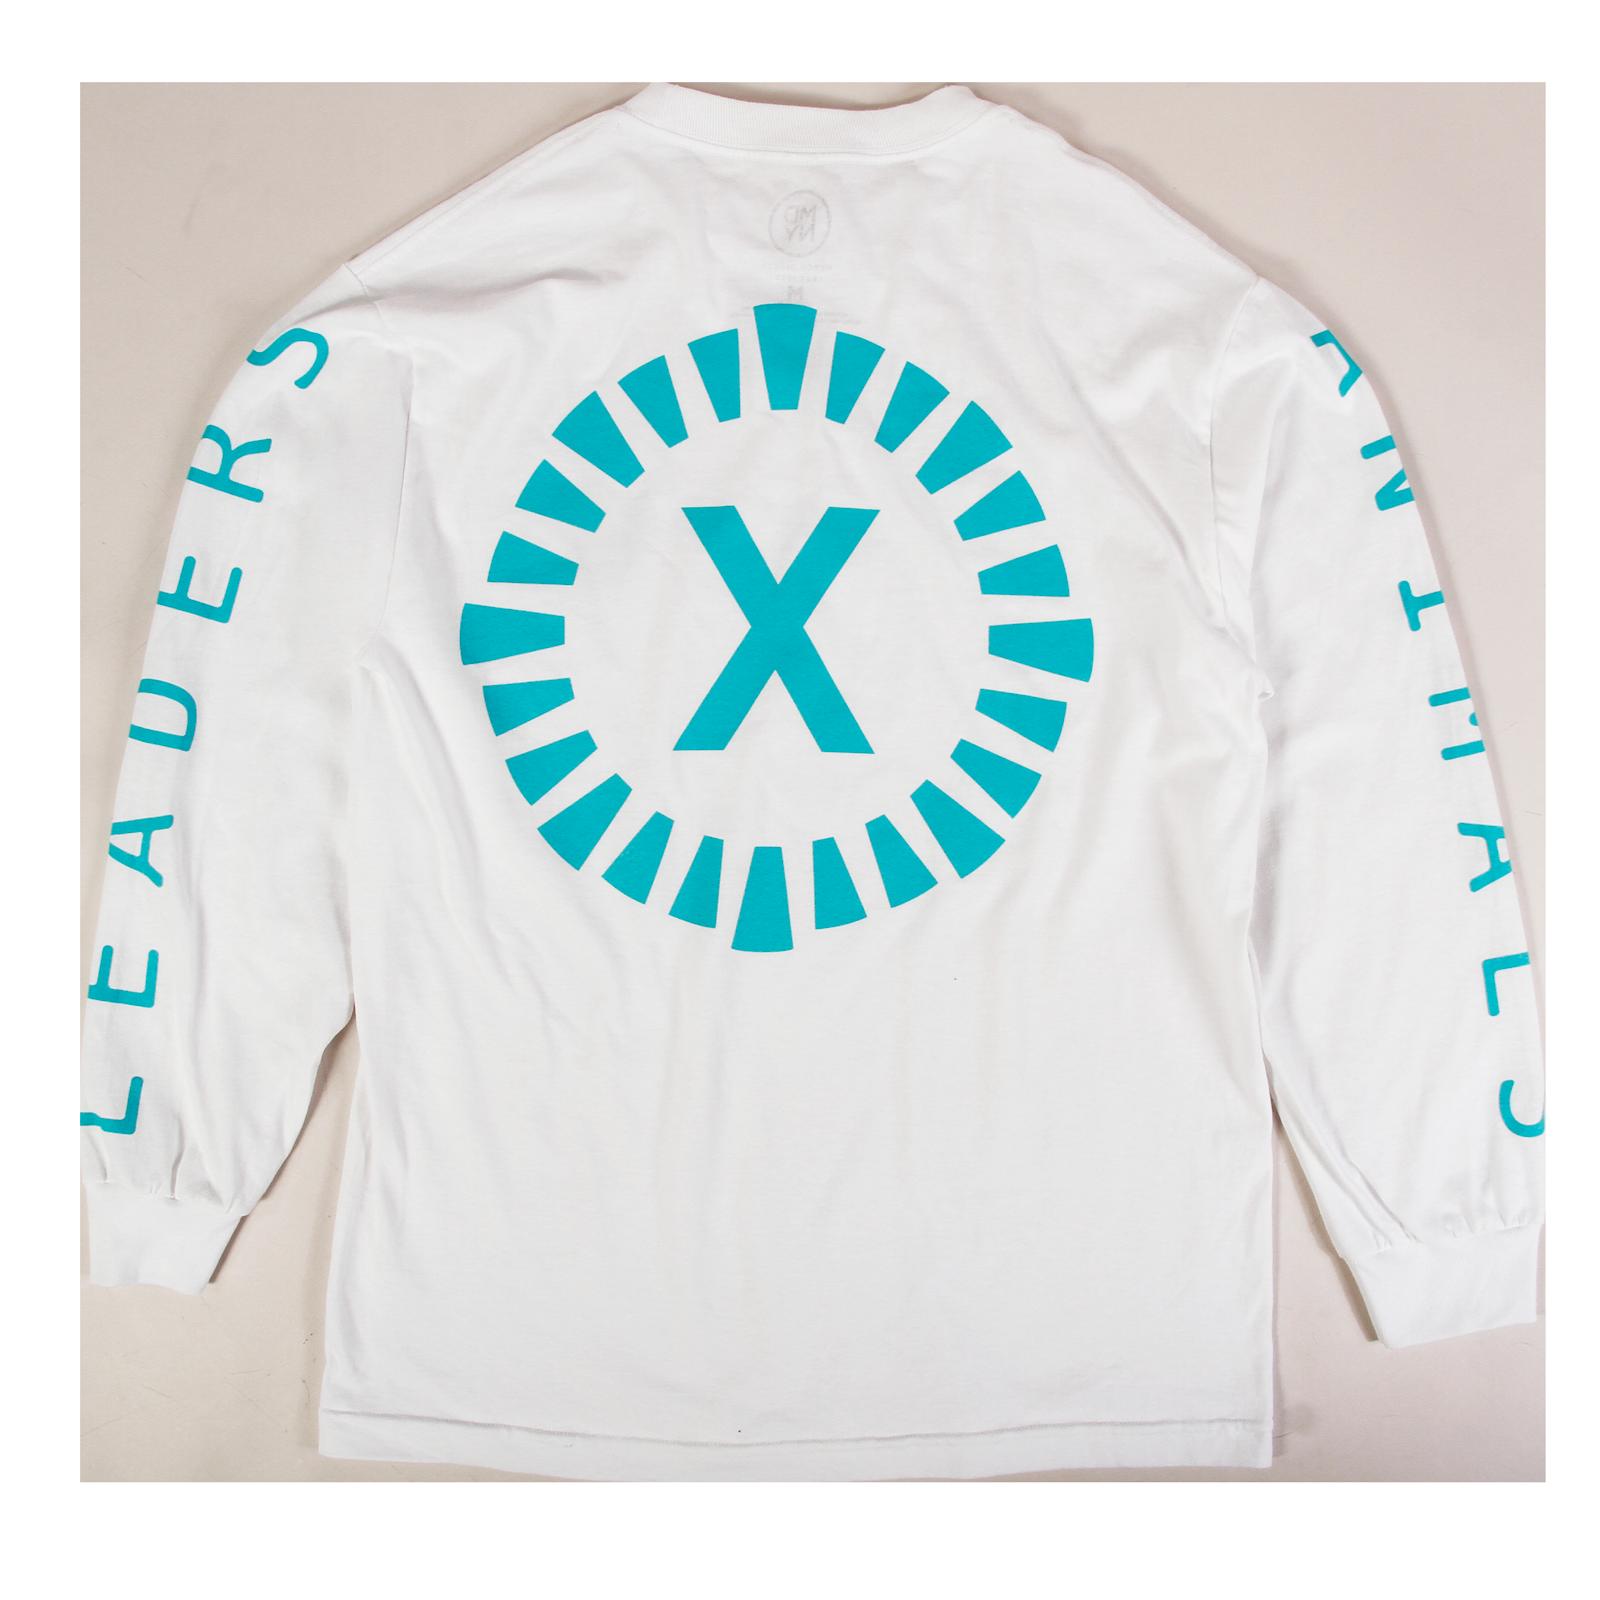 X Year Anniversary White Long Sleeve